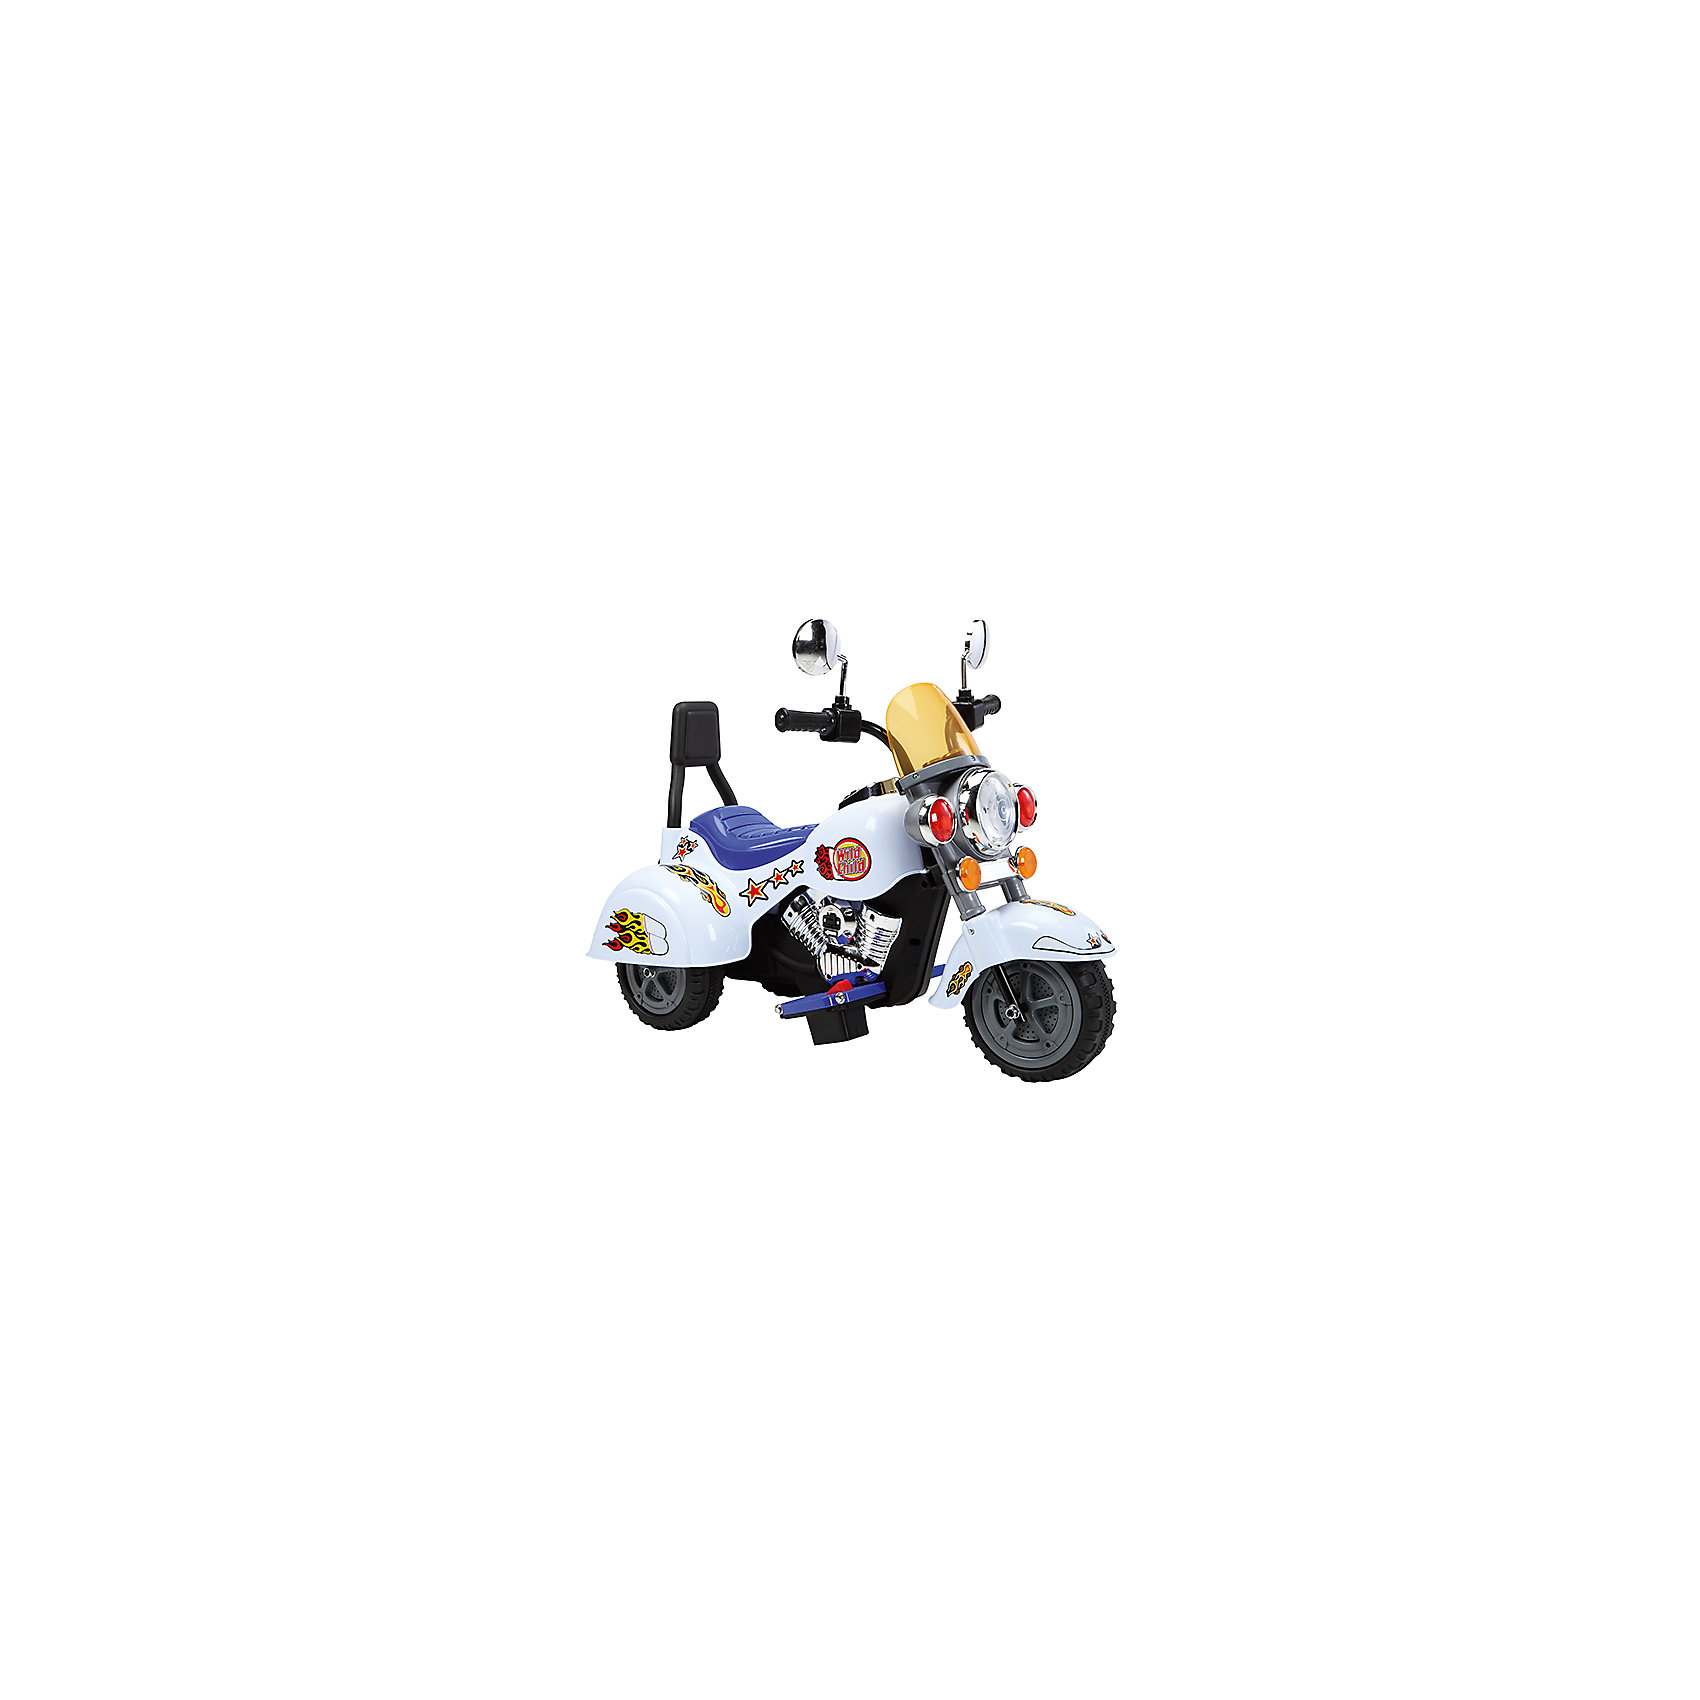 Электромотоцикл Мотоцикл-B19, mp3, со светом и звуком, ZilmerЭлектромобили<br>Характеристики товара:<br><br>• материал: металл, полимер<br>• цвет: белый<br>• аккумуляторная батарея: 6V/4,5Ah<br>• удобный руль <br>• световые и звуковые эффекты<br>• удобное сиденье<br>• легко управляется<br>• надежные материалы<br>• продуманная конструкция<br>• стильный дизайн<br>• возраст: от 3 лет<br>• размер: 70x49x40 см<br>• вес: 7 кг<br>• страна производства: Китай<br><br>О таком электромотоцикле мечтают многие мальчишки! Он очень красиво выглядит, также мотоцикл способствует скорейшему развитию способности ориентироваться в пространстве, развивает физические способности, мышление и ловкость. Помимо этого, кататься на нём - очень увлекательное занятие!<br><br>Этот мотоцикл выделяется устойчивой конструкцией и удобным сиденьем, а также световыми и звуковыми эффектами. Данная модель выполнена в стильном дизайне, отличается продуманной конструкцией. Легко управляется даже малышами. Отличный подарок для активного ребенка!<br><br>Электромобиль Мотоцикл-B19, mp3, со светом и звуком, от бренда Zilmer можно купить в нашем интернет-магазине.<br><br>Ширина мм: 700<br>Глубина мм: 490<br>Высота мм: 400<br>Вес г: 10300<br>Возраст от месяцев: 36<br>Возраст до месяцев: 72<br>Пол: Унисекс<br>Возраст: Детский<br>SKU: 5478522